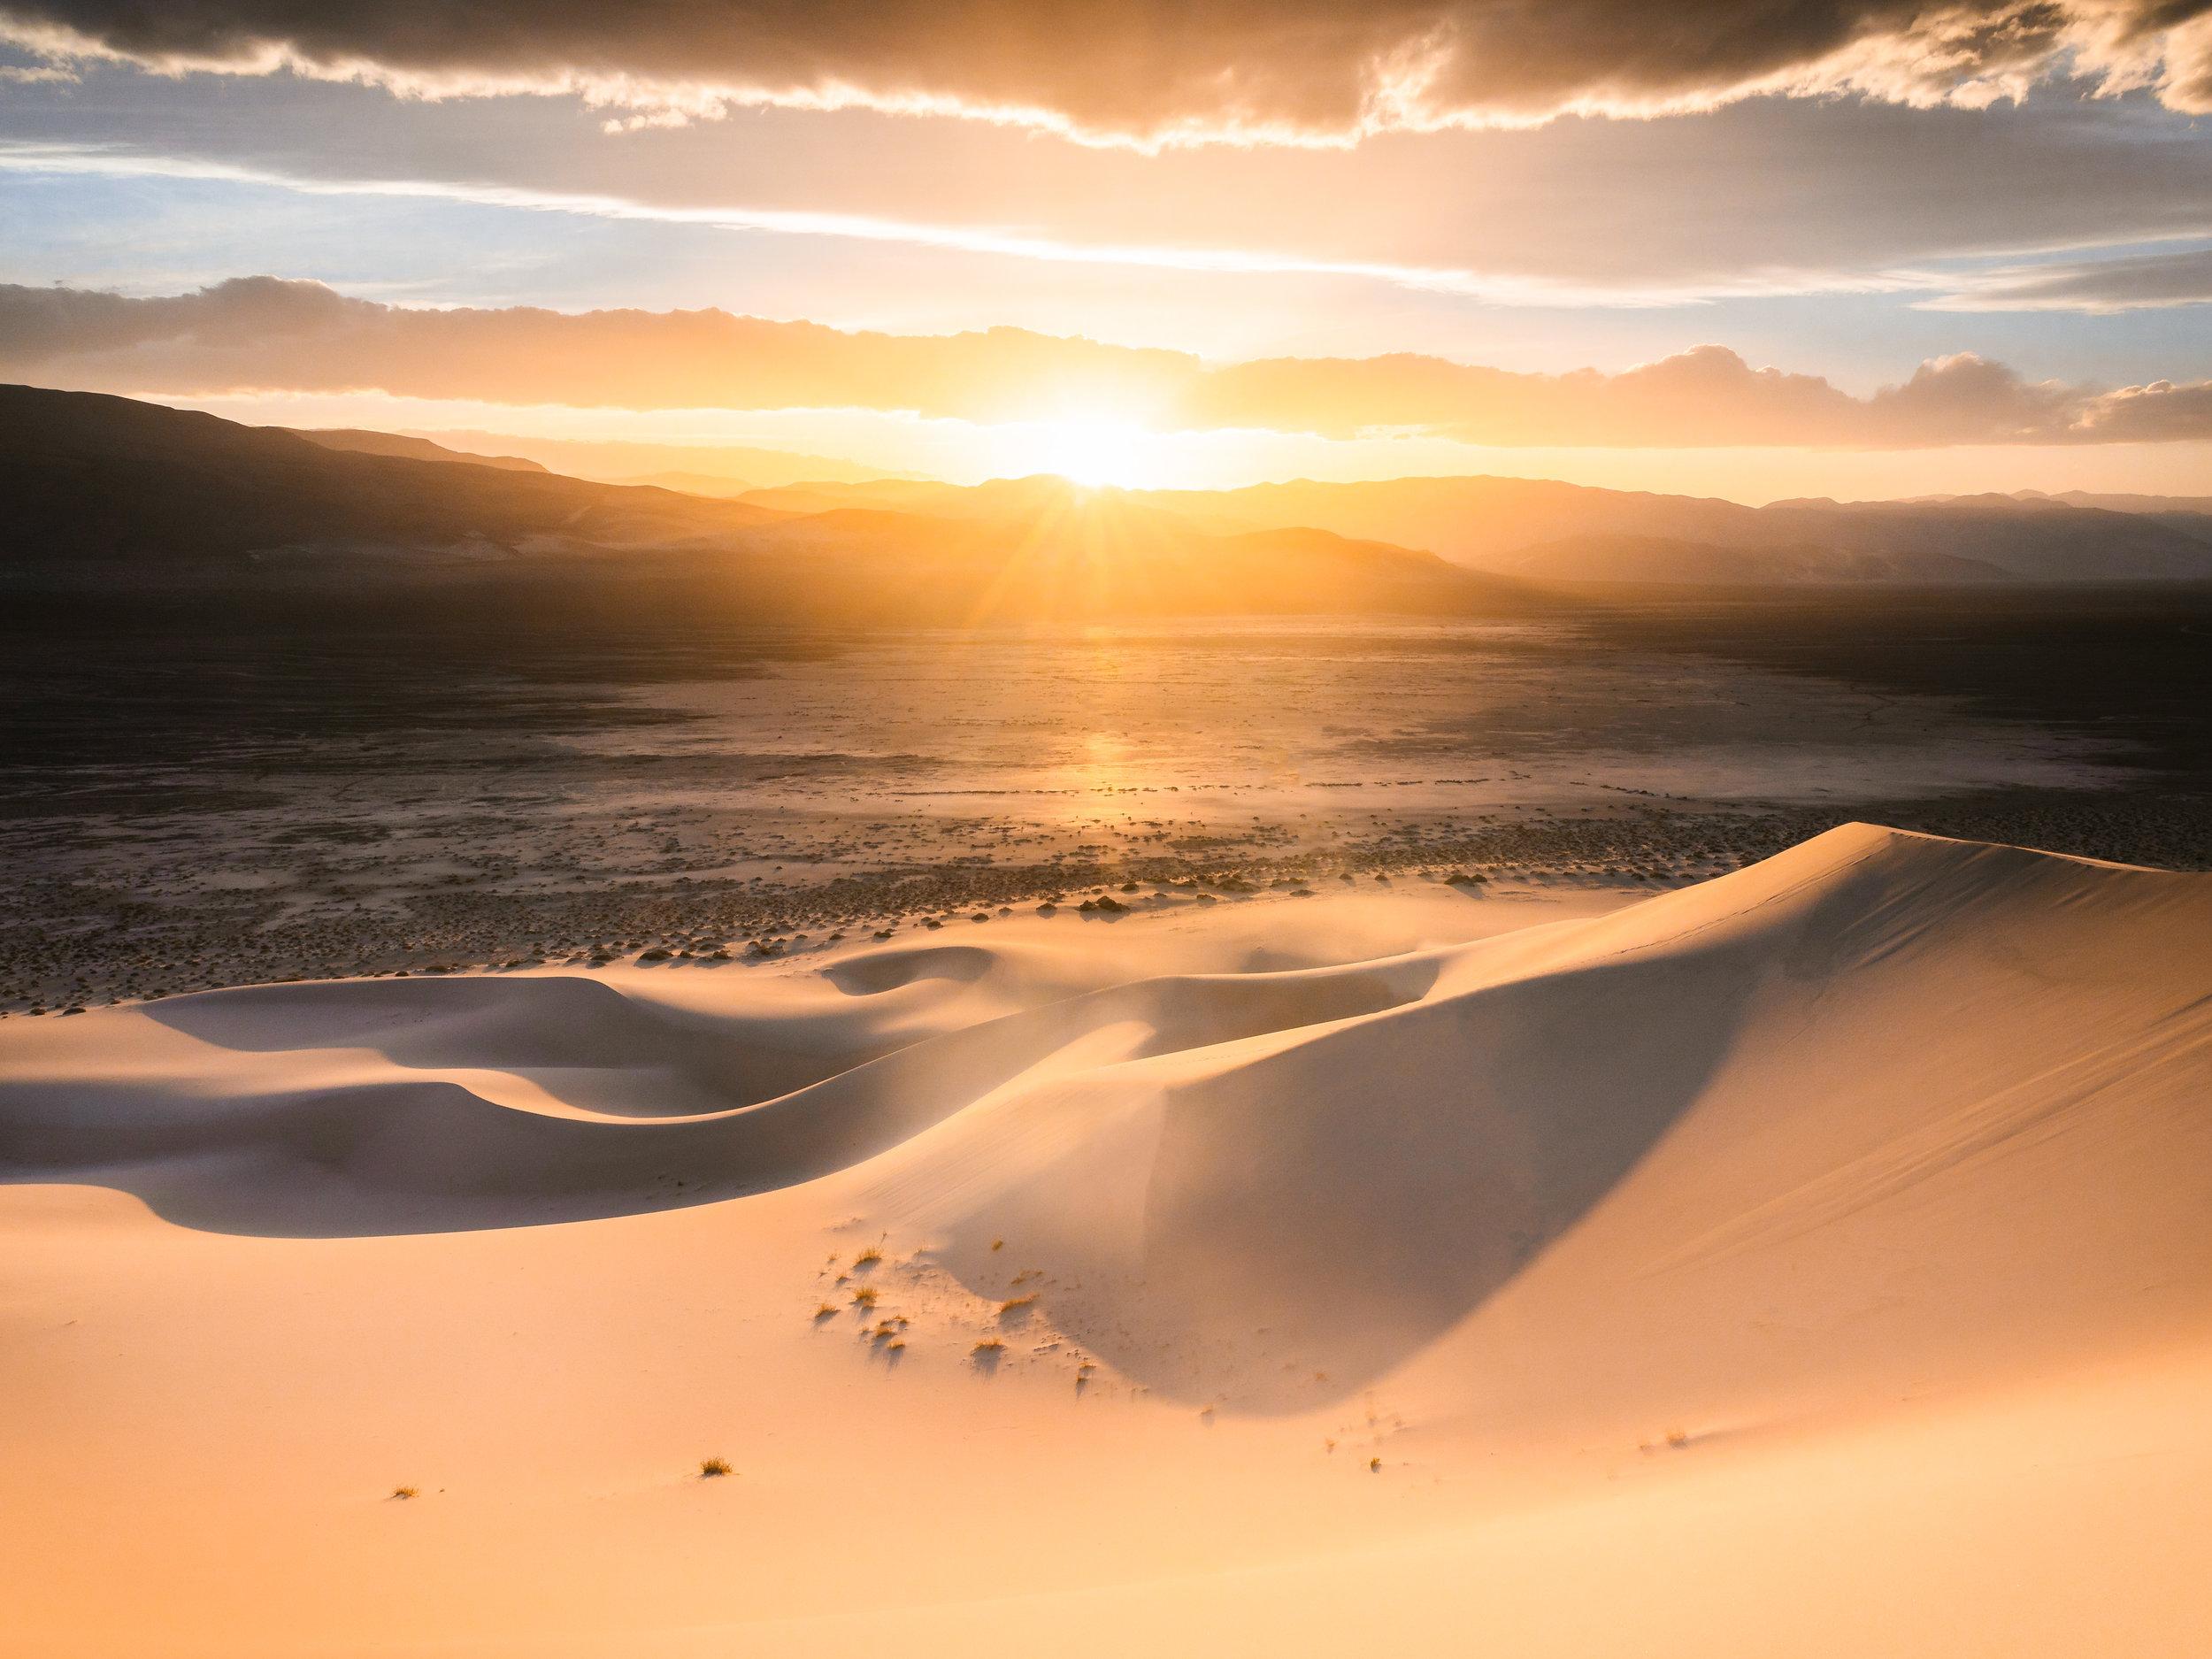 DeathValley_Dune6.jpg